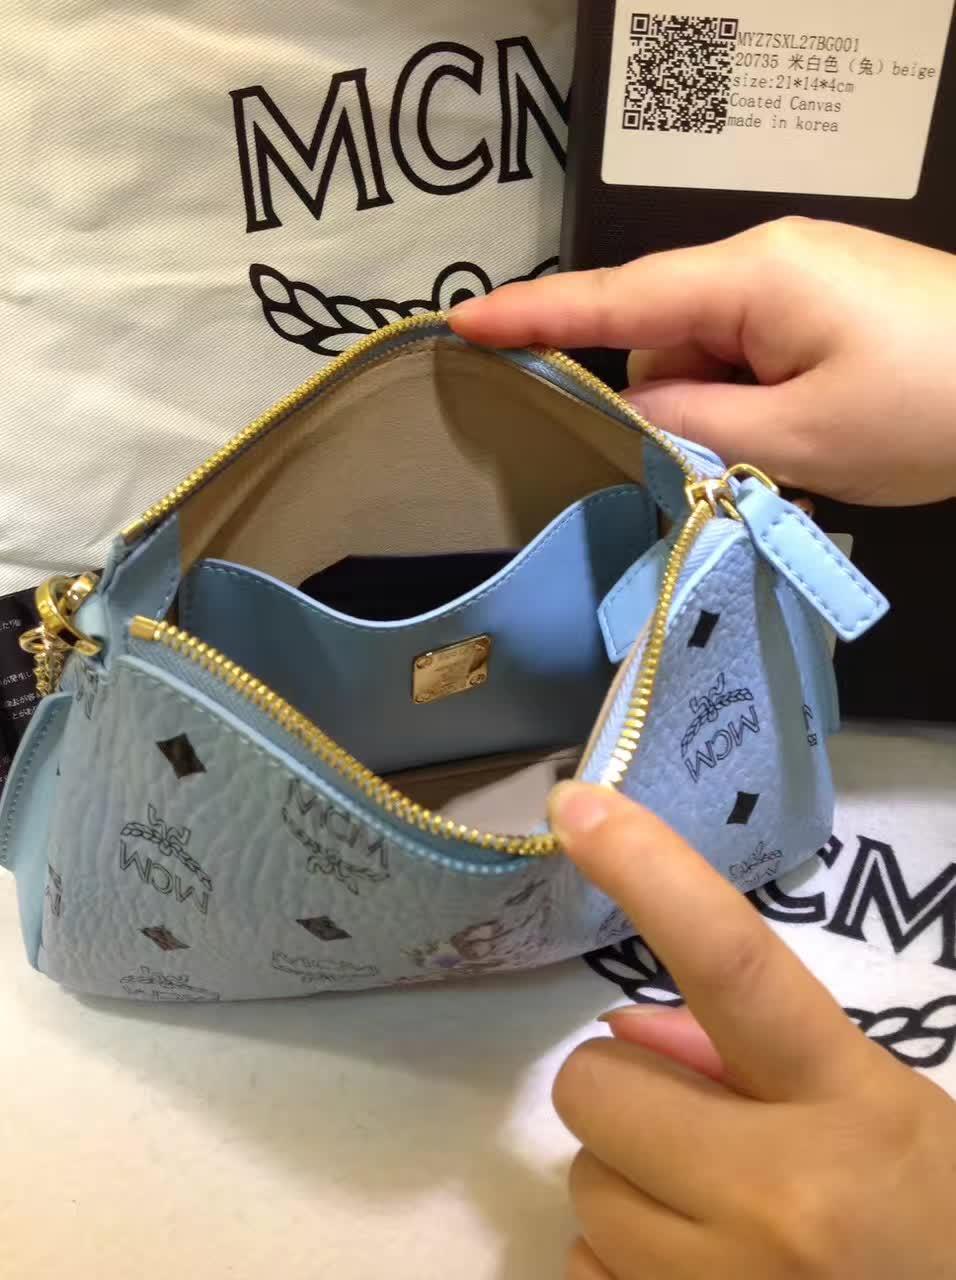 MCM专柜新款 链条斜挎两用包 新纹路PVC配高品质牛皮 绒布内里 水洗蓝